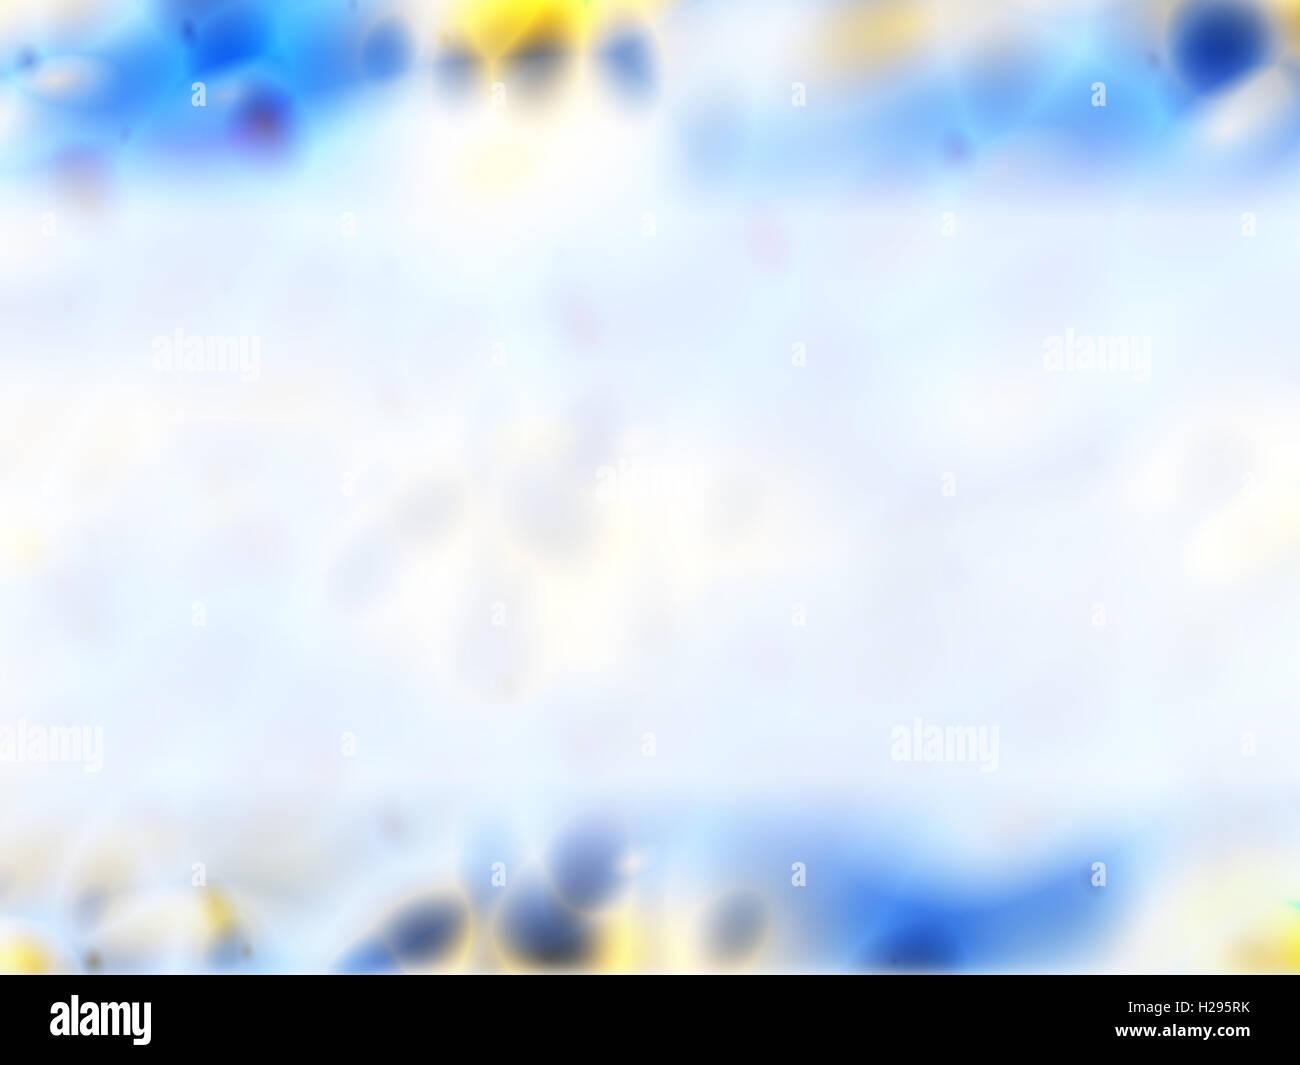 Blau, gelb, weiß abstrakten Hintergrund für ppt-Vorlage, Abdeckung ...